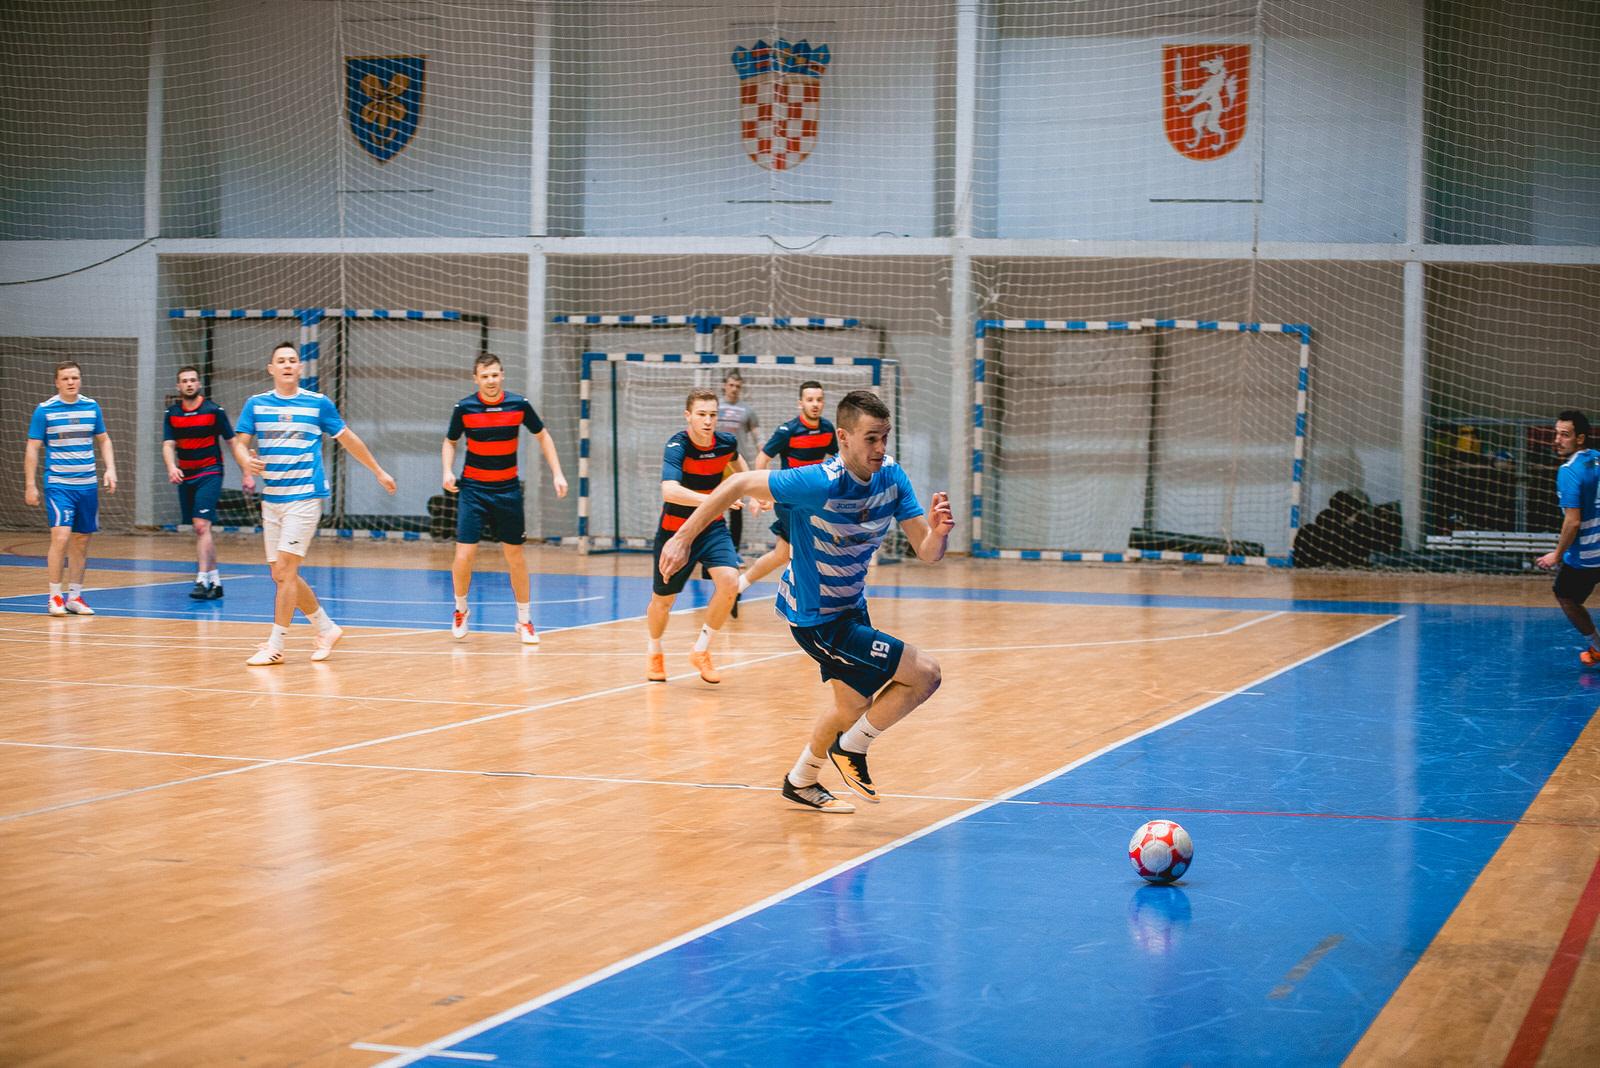 likaclub_gospić_zimski-malonogometni-turnir-2018-19-37